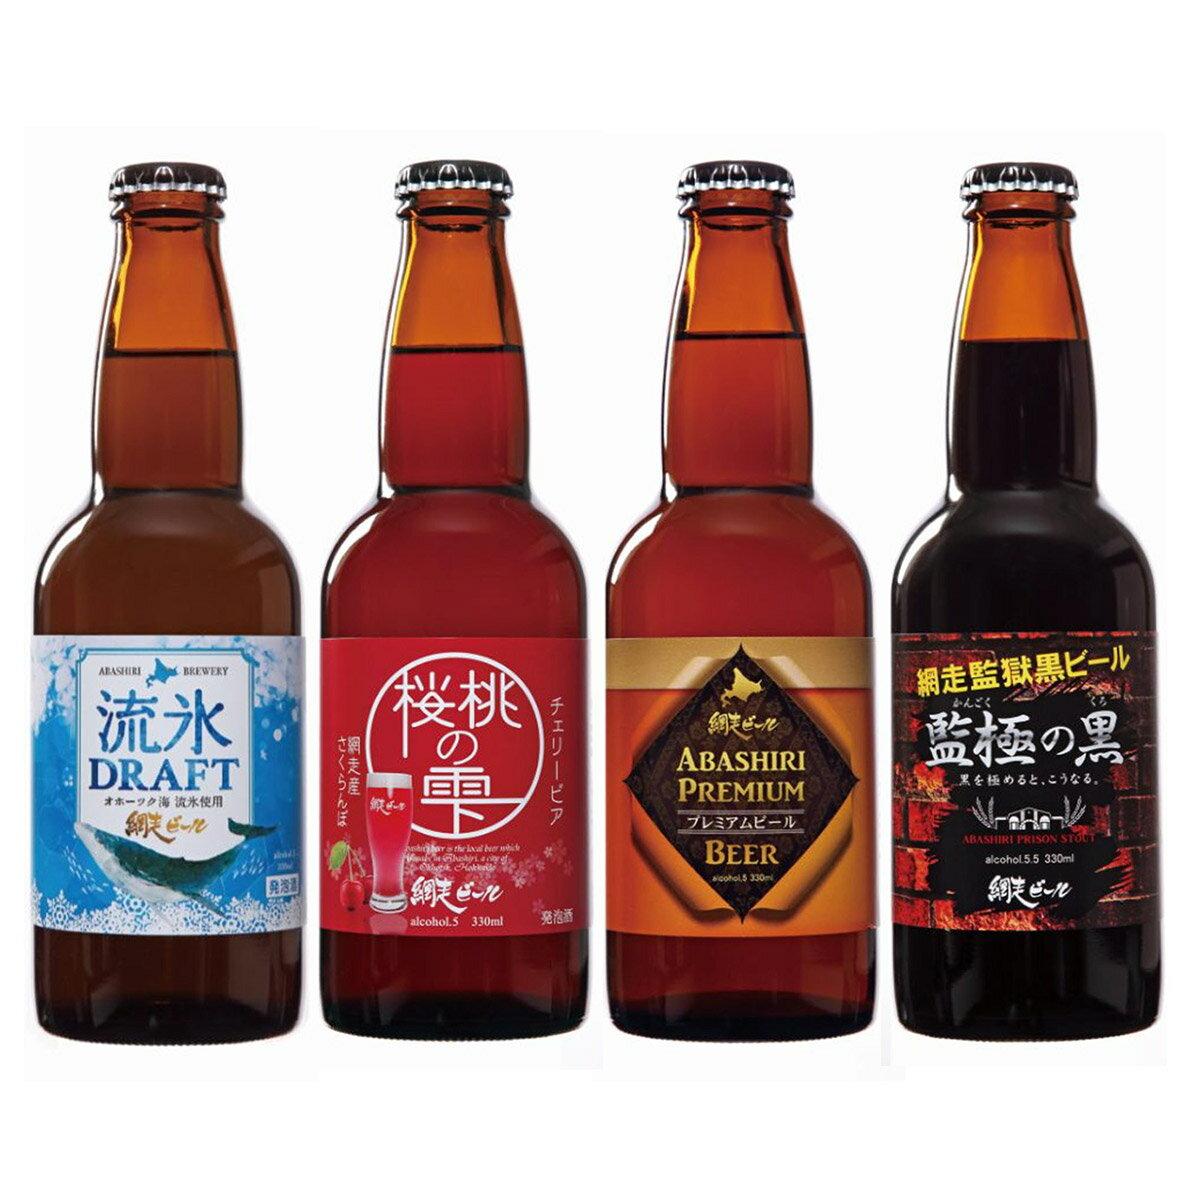 【ふるさと納税】網走ビール24本セット